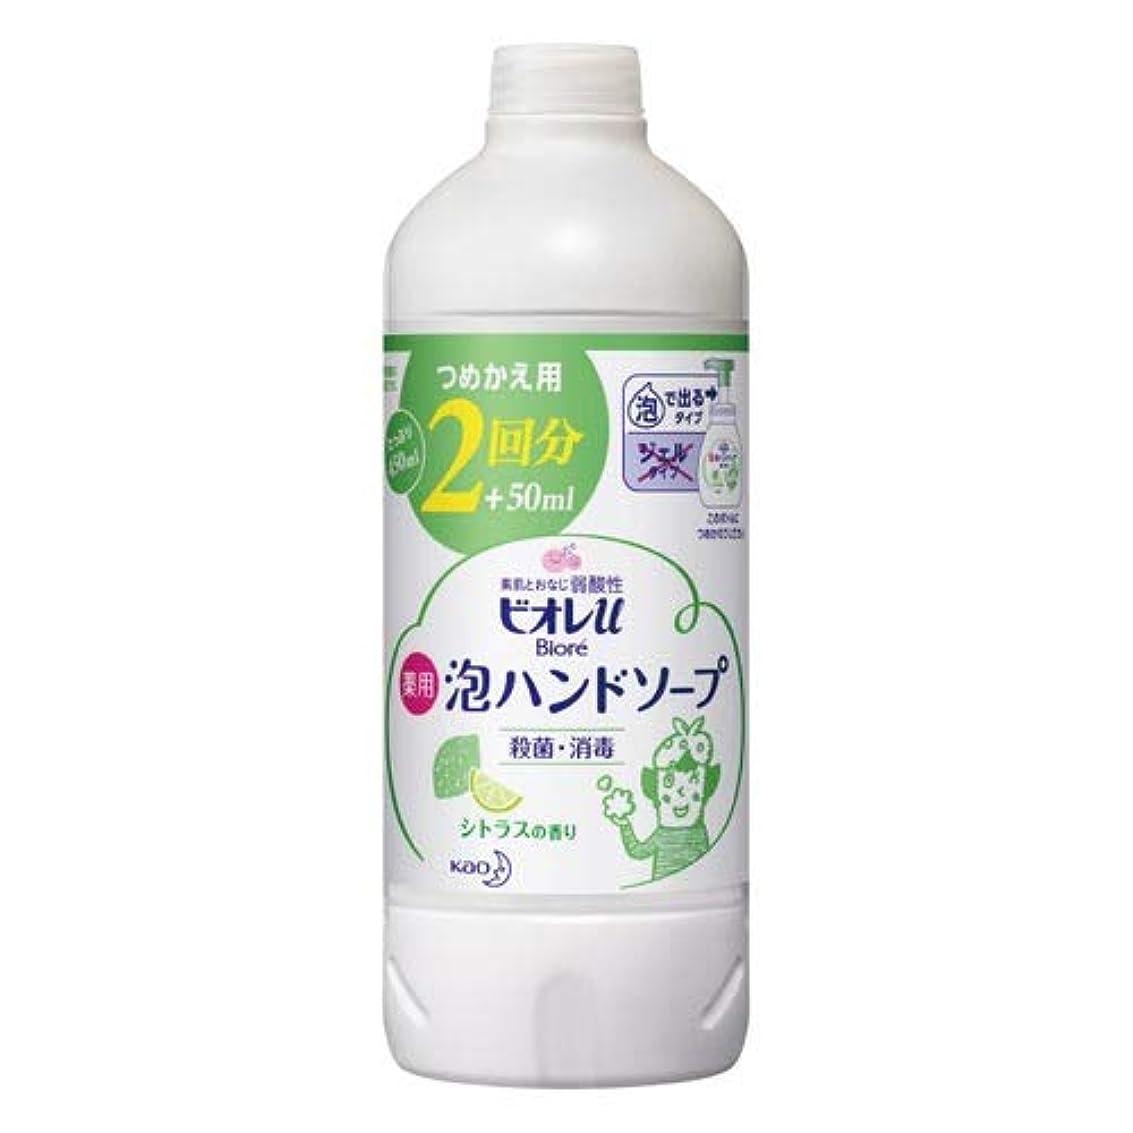 伝導率より良い小麦粉【花王】ビオレU 泡ハンドソープ シトラスの香り <詰替> 450ml ×5個セット